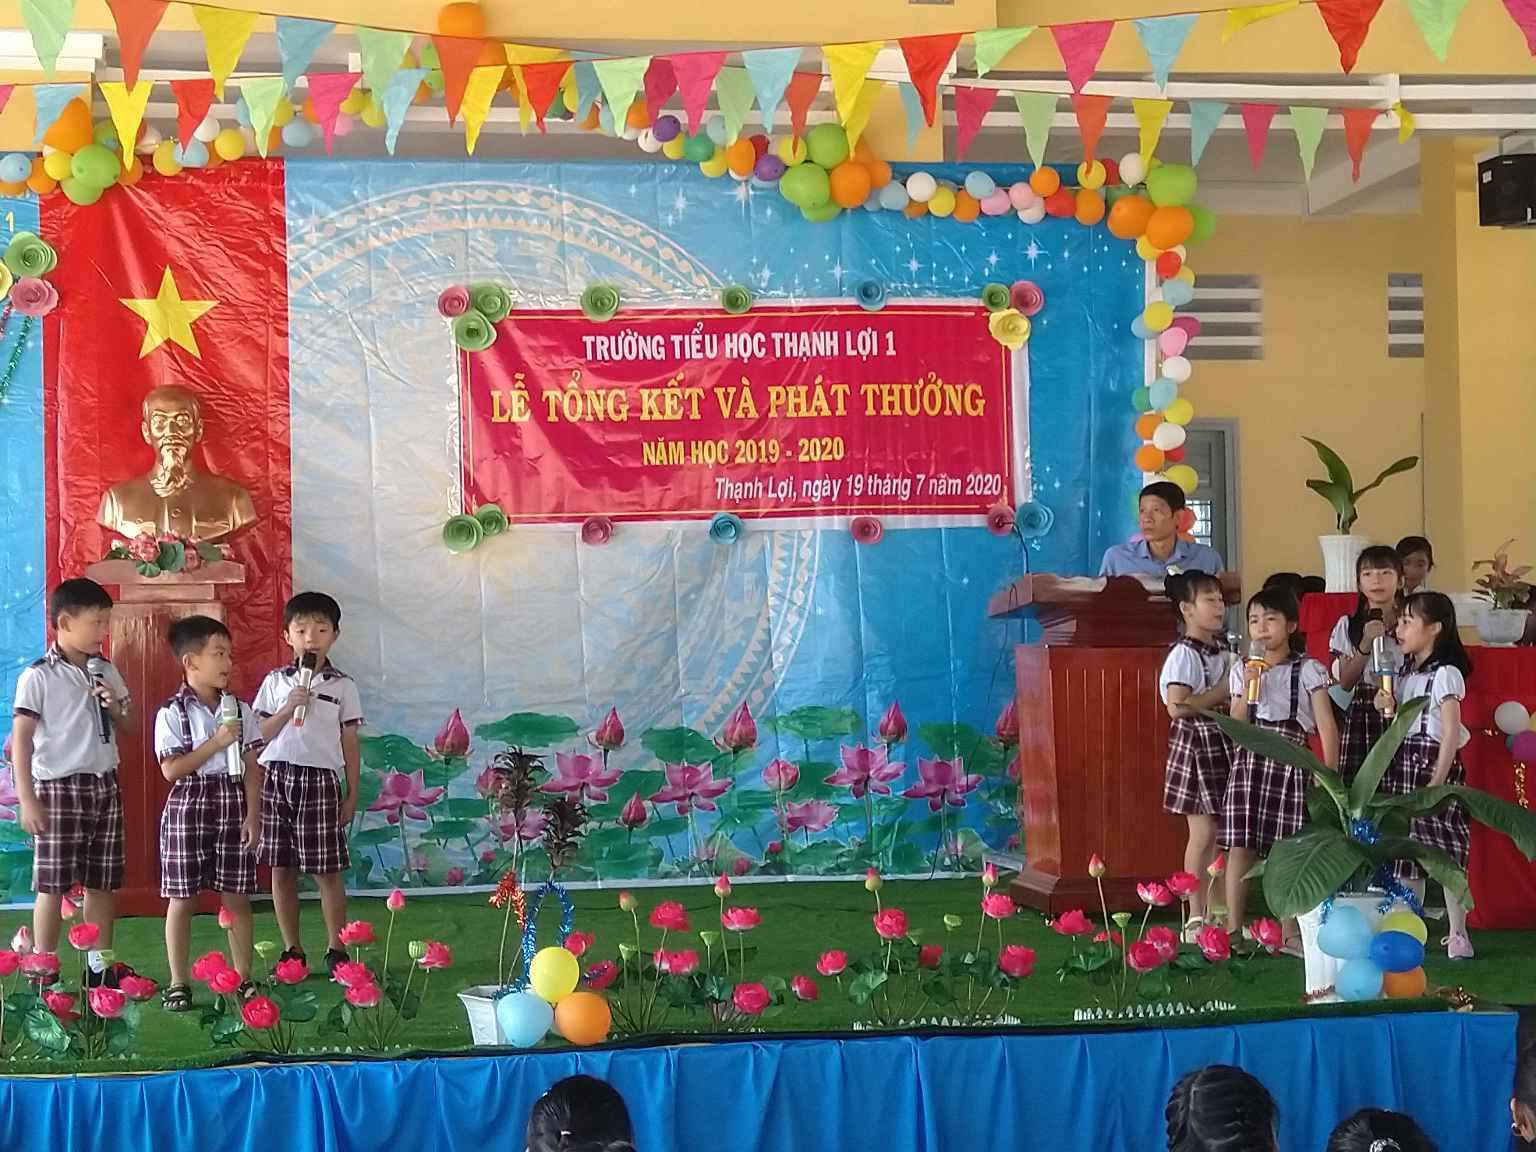 Bắt đầu buổi lễ tiết mục văn nghệ của các em hs lớp 2 biểu diễn.